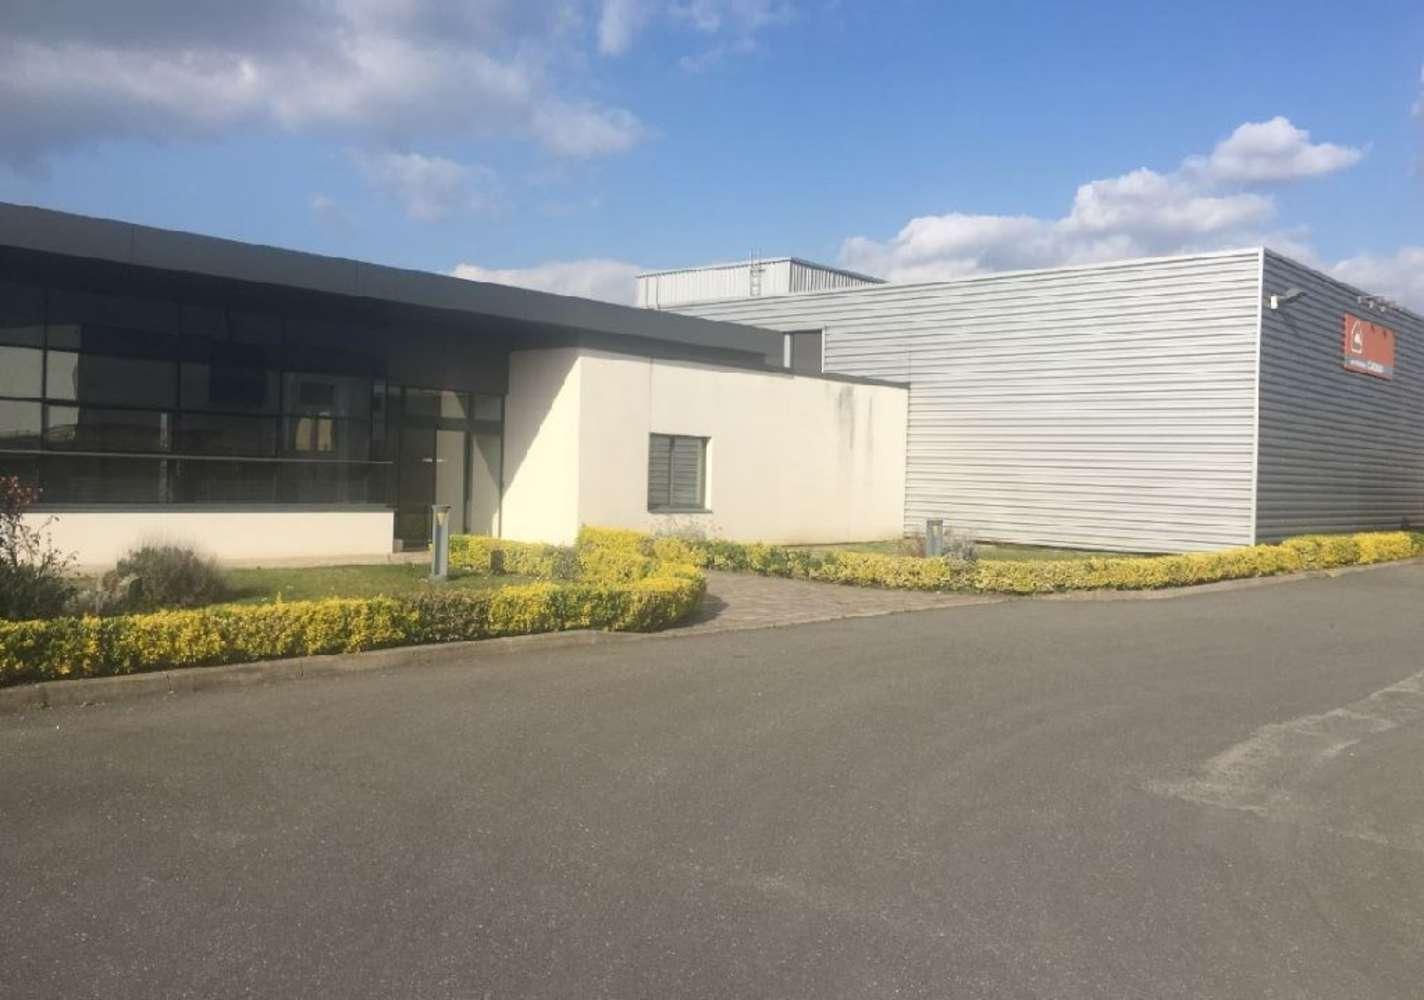 Activités/entrepôt Mery sur oise, 95540 - 32 CHEMIN DES BOEUFS - 10033974